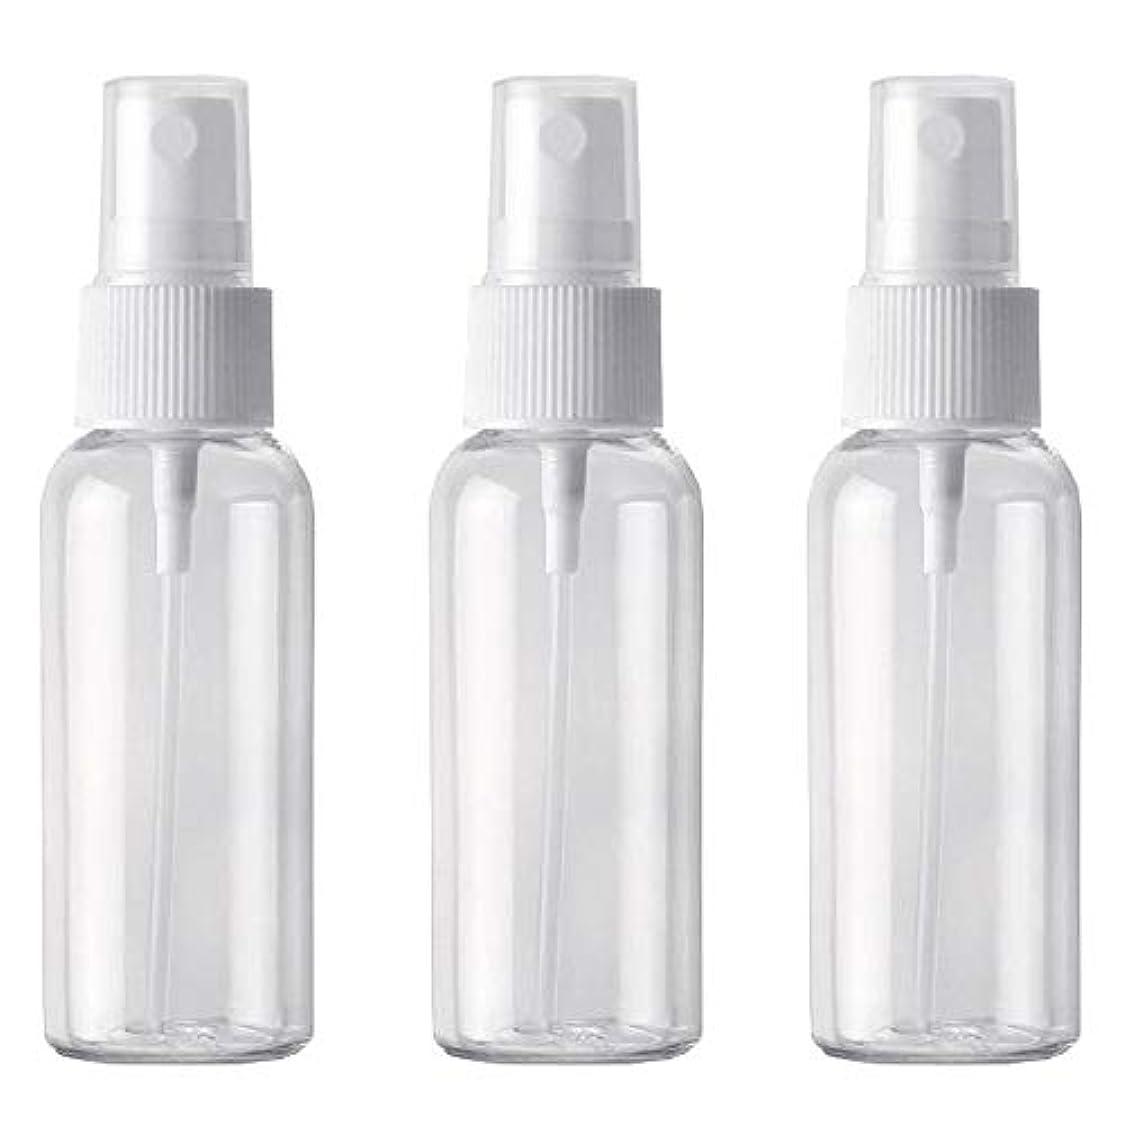 衰える弁護人ファッションPET小分けボトル トラベルボトル スプレーボトル 3本セット 霧吹き 小分け容器 化粧水 (50ml )